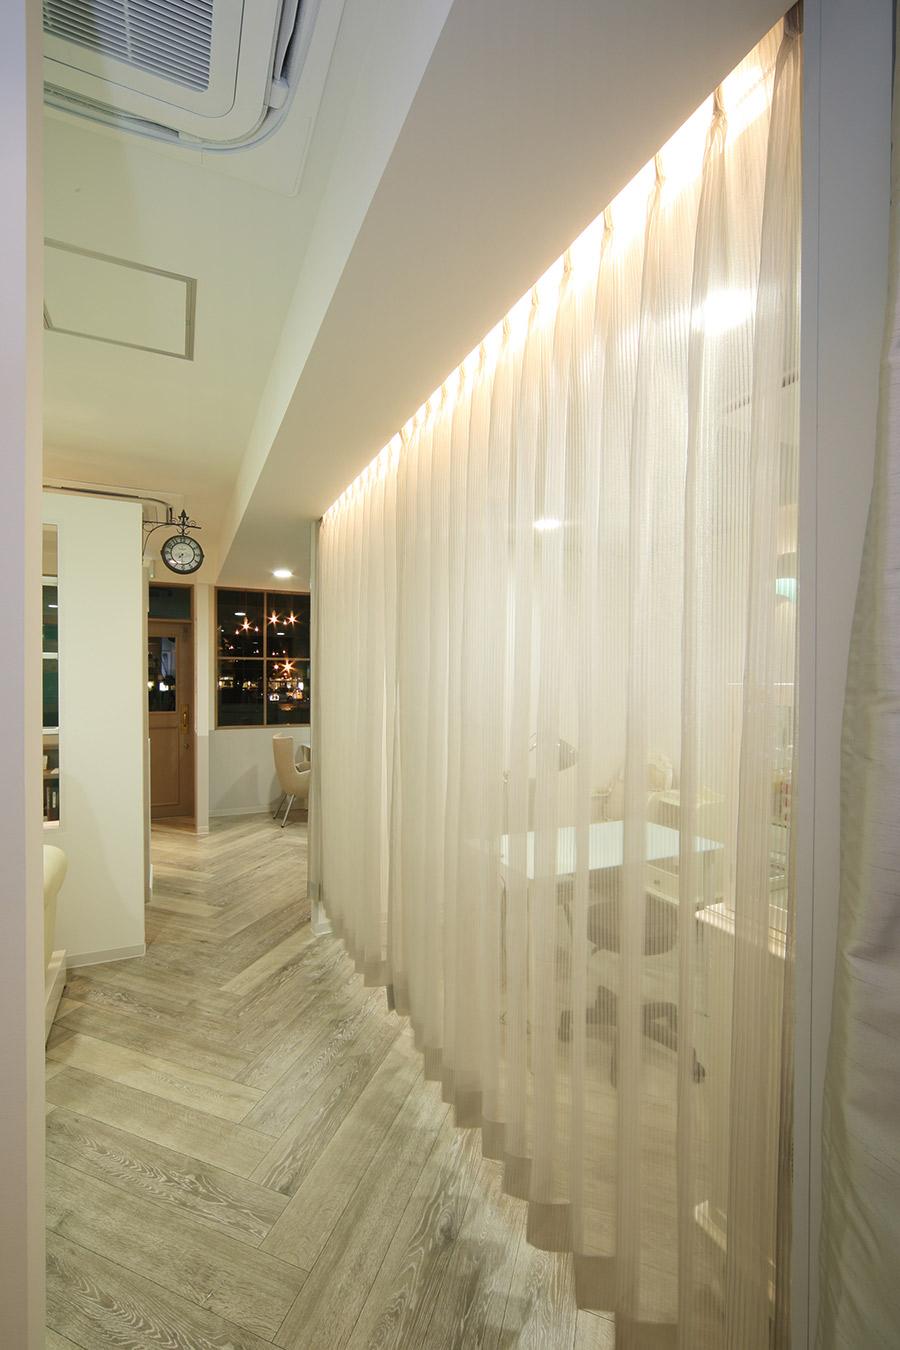 ネイルサロンのカーテンデザイン